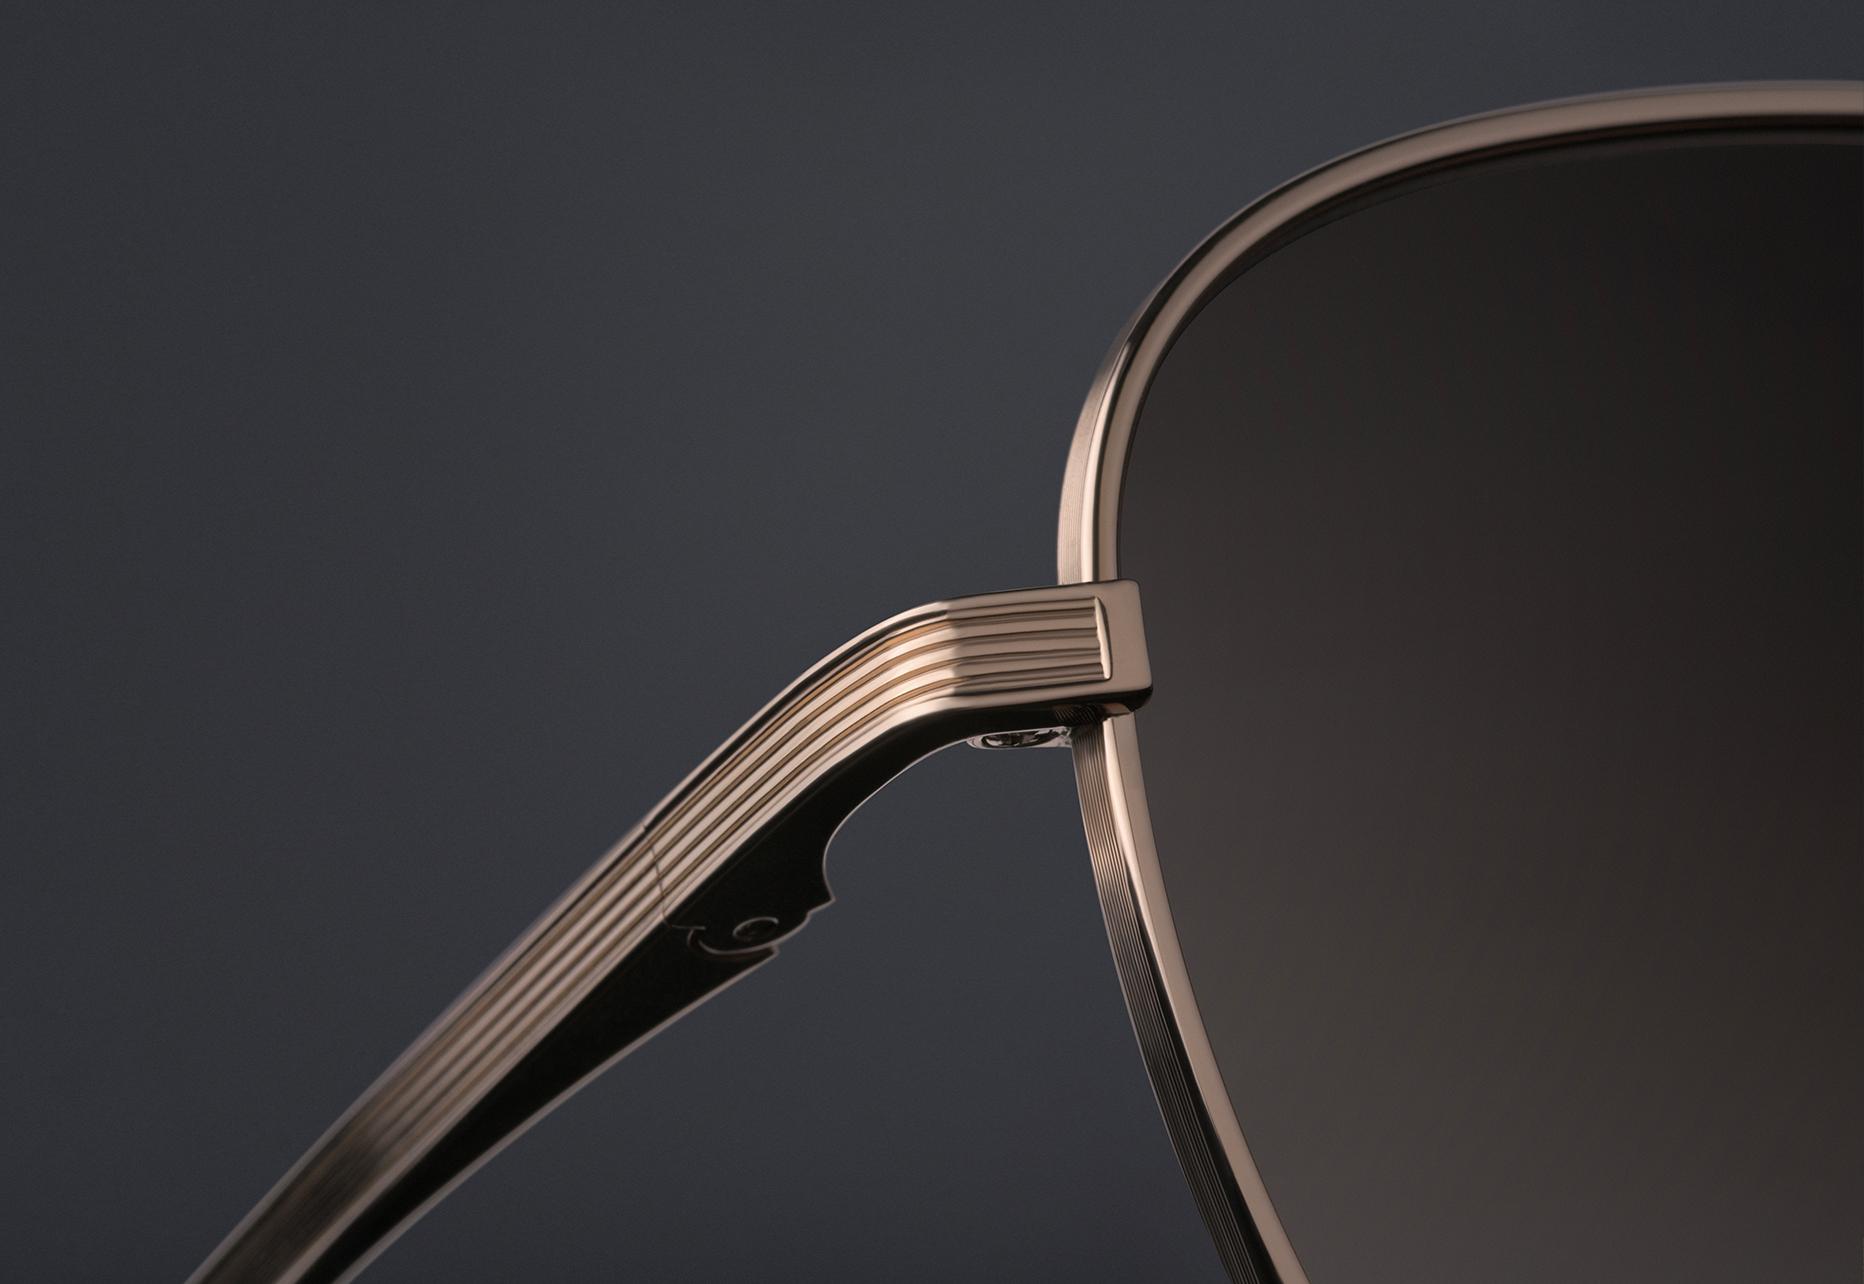 DITA FLIGHT.009 Titanium lens rim with fine line detail